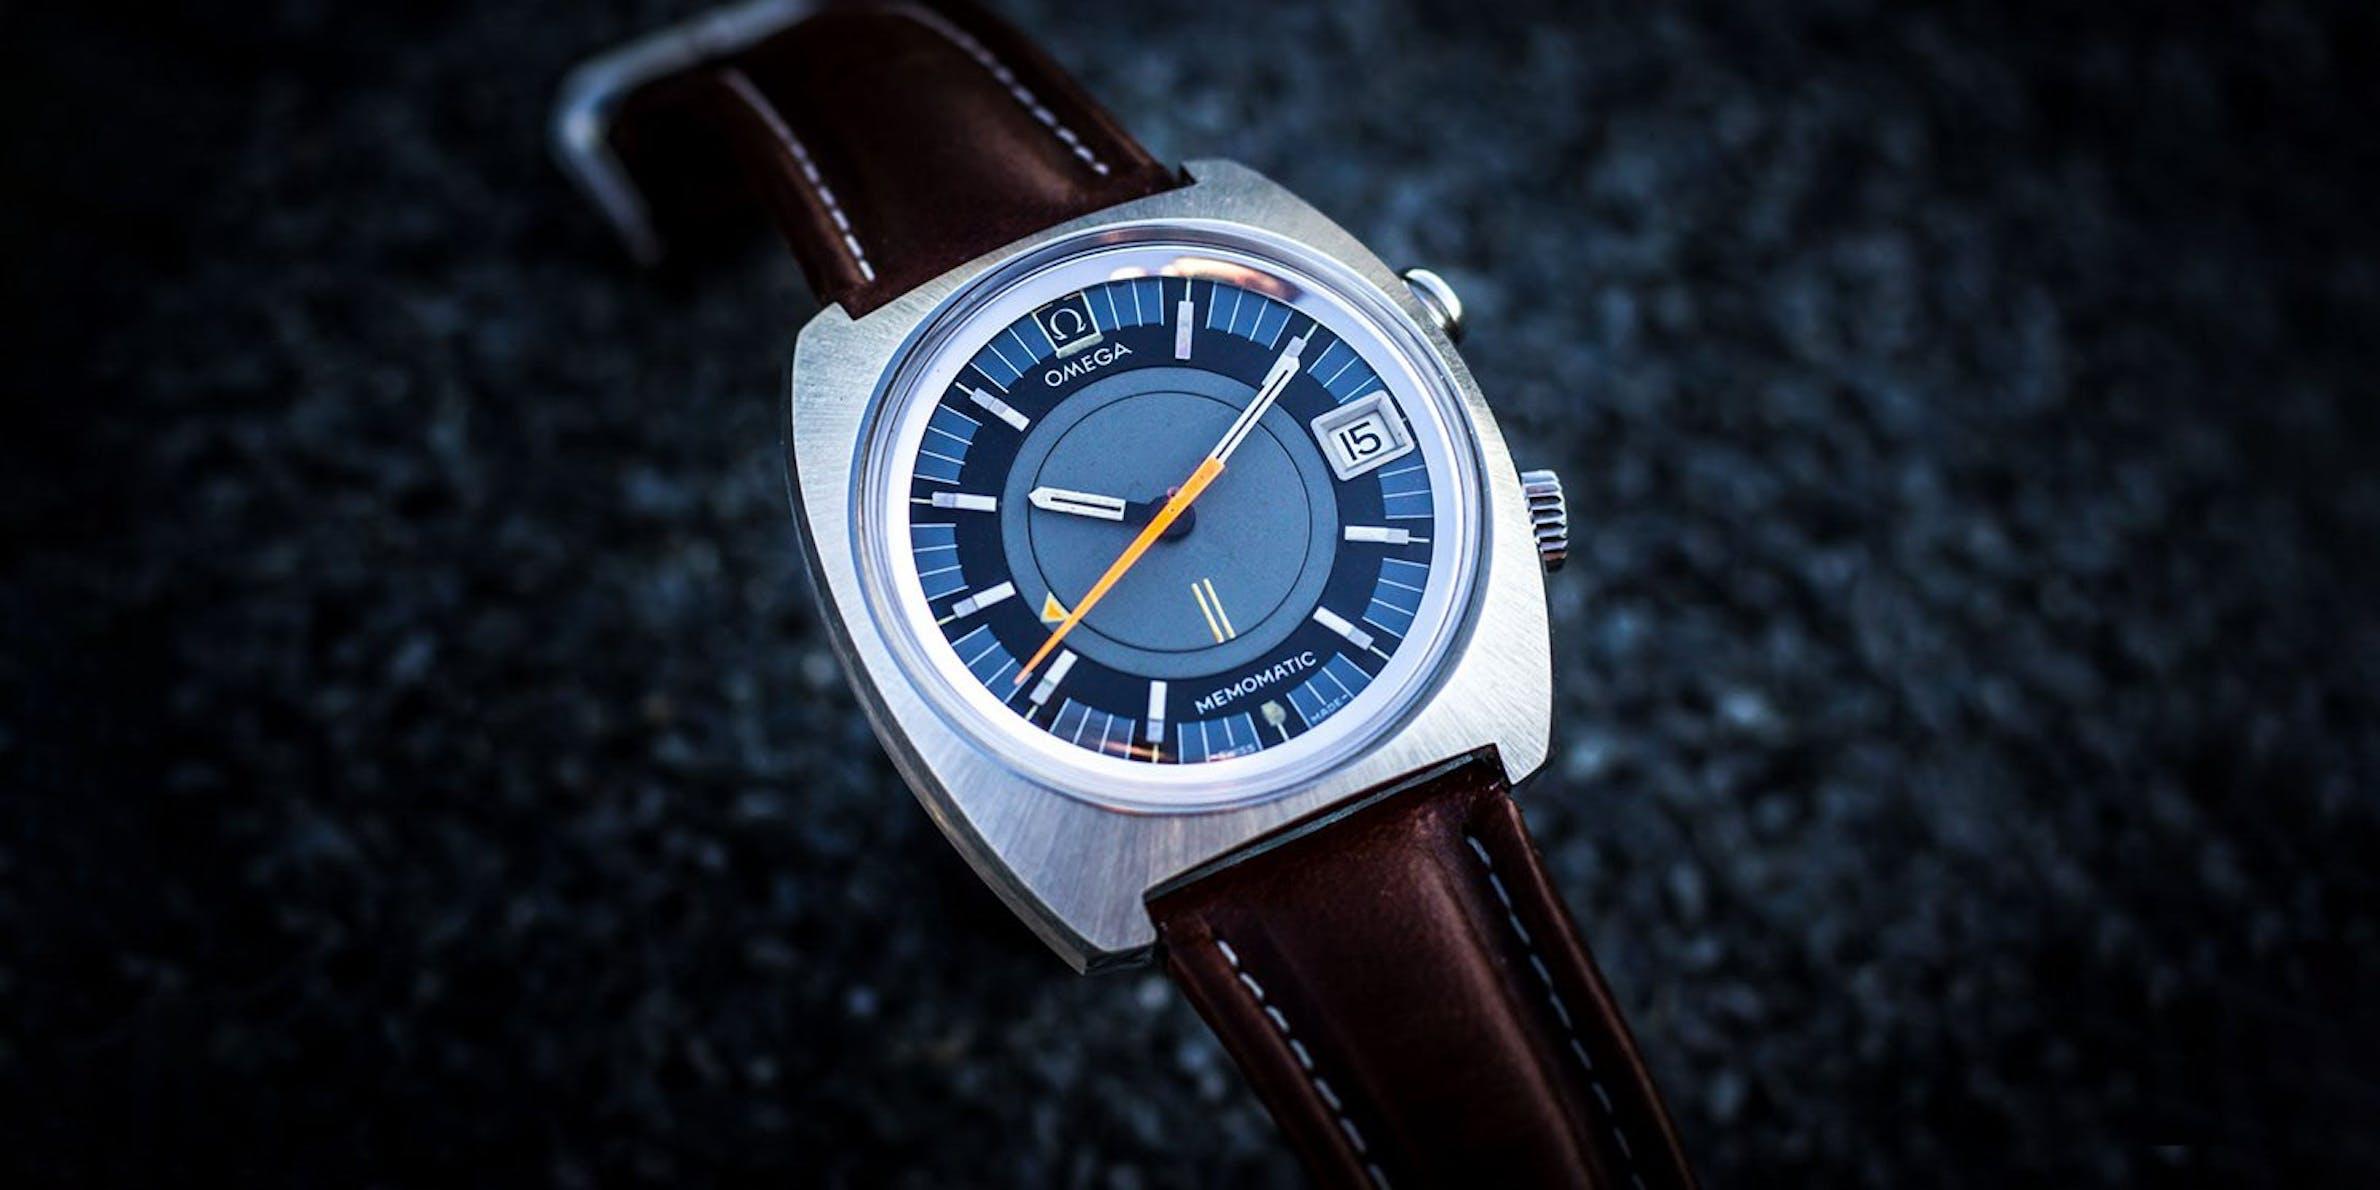 Alarm am Handgelenk: Mechanische Uhren mit Weckfunktion – von Eterna bis Patek Philippe